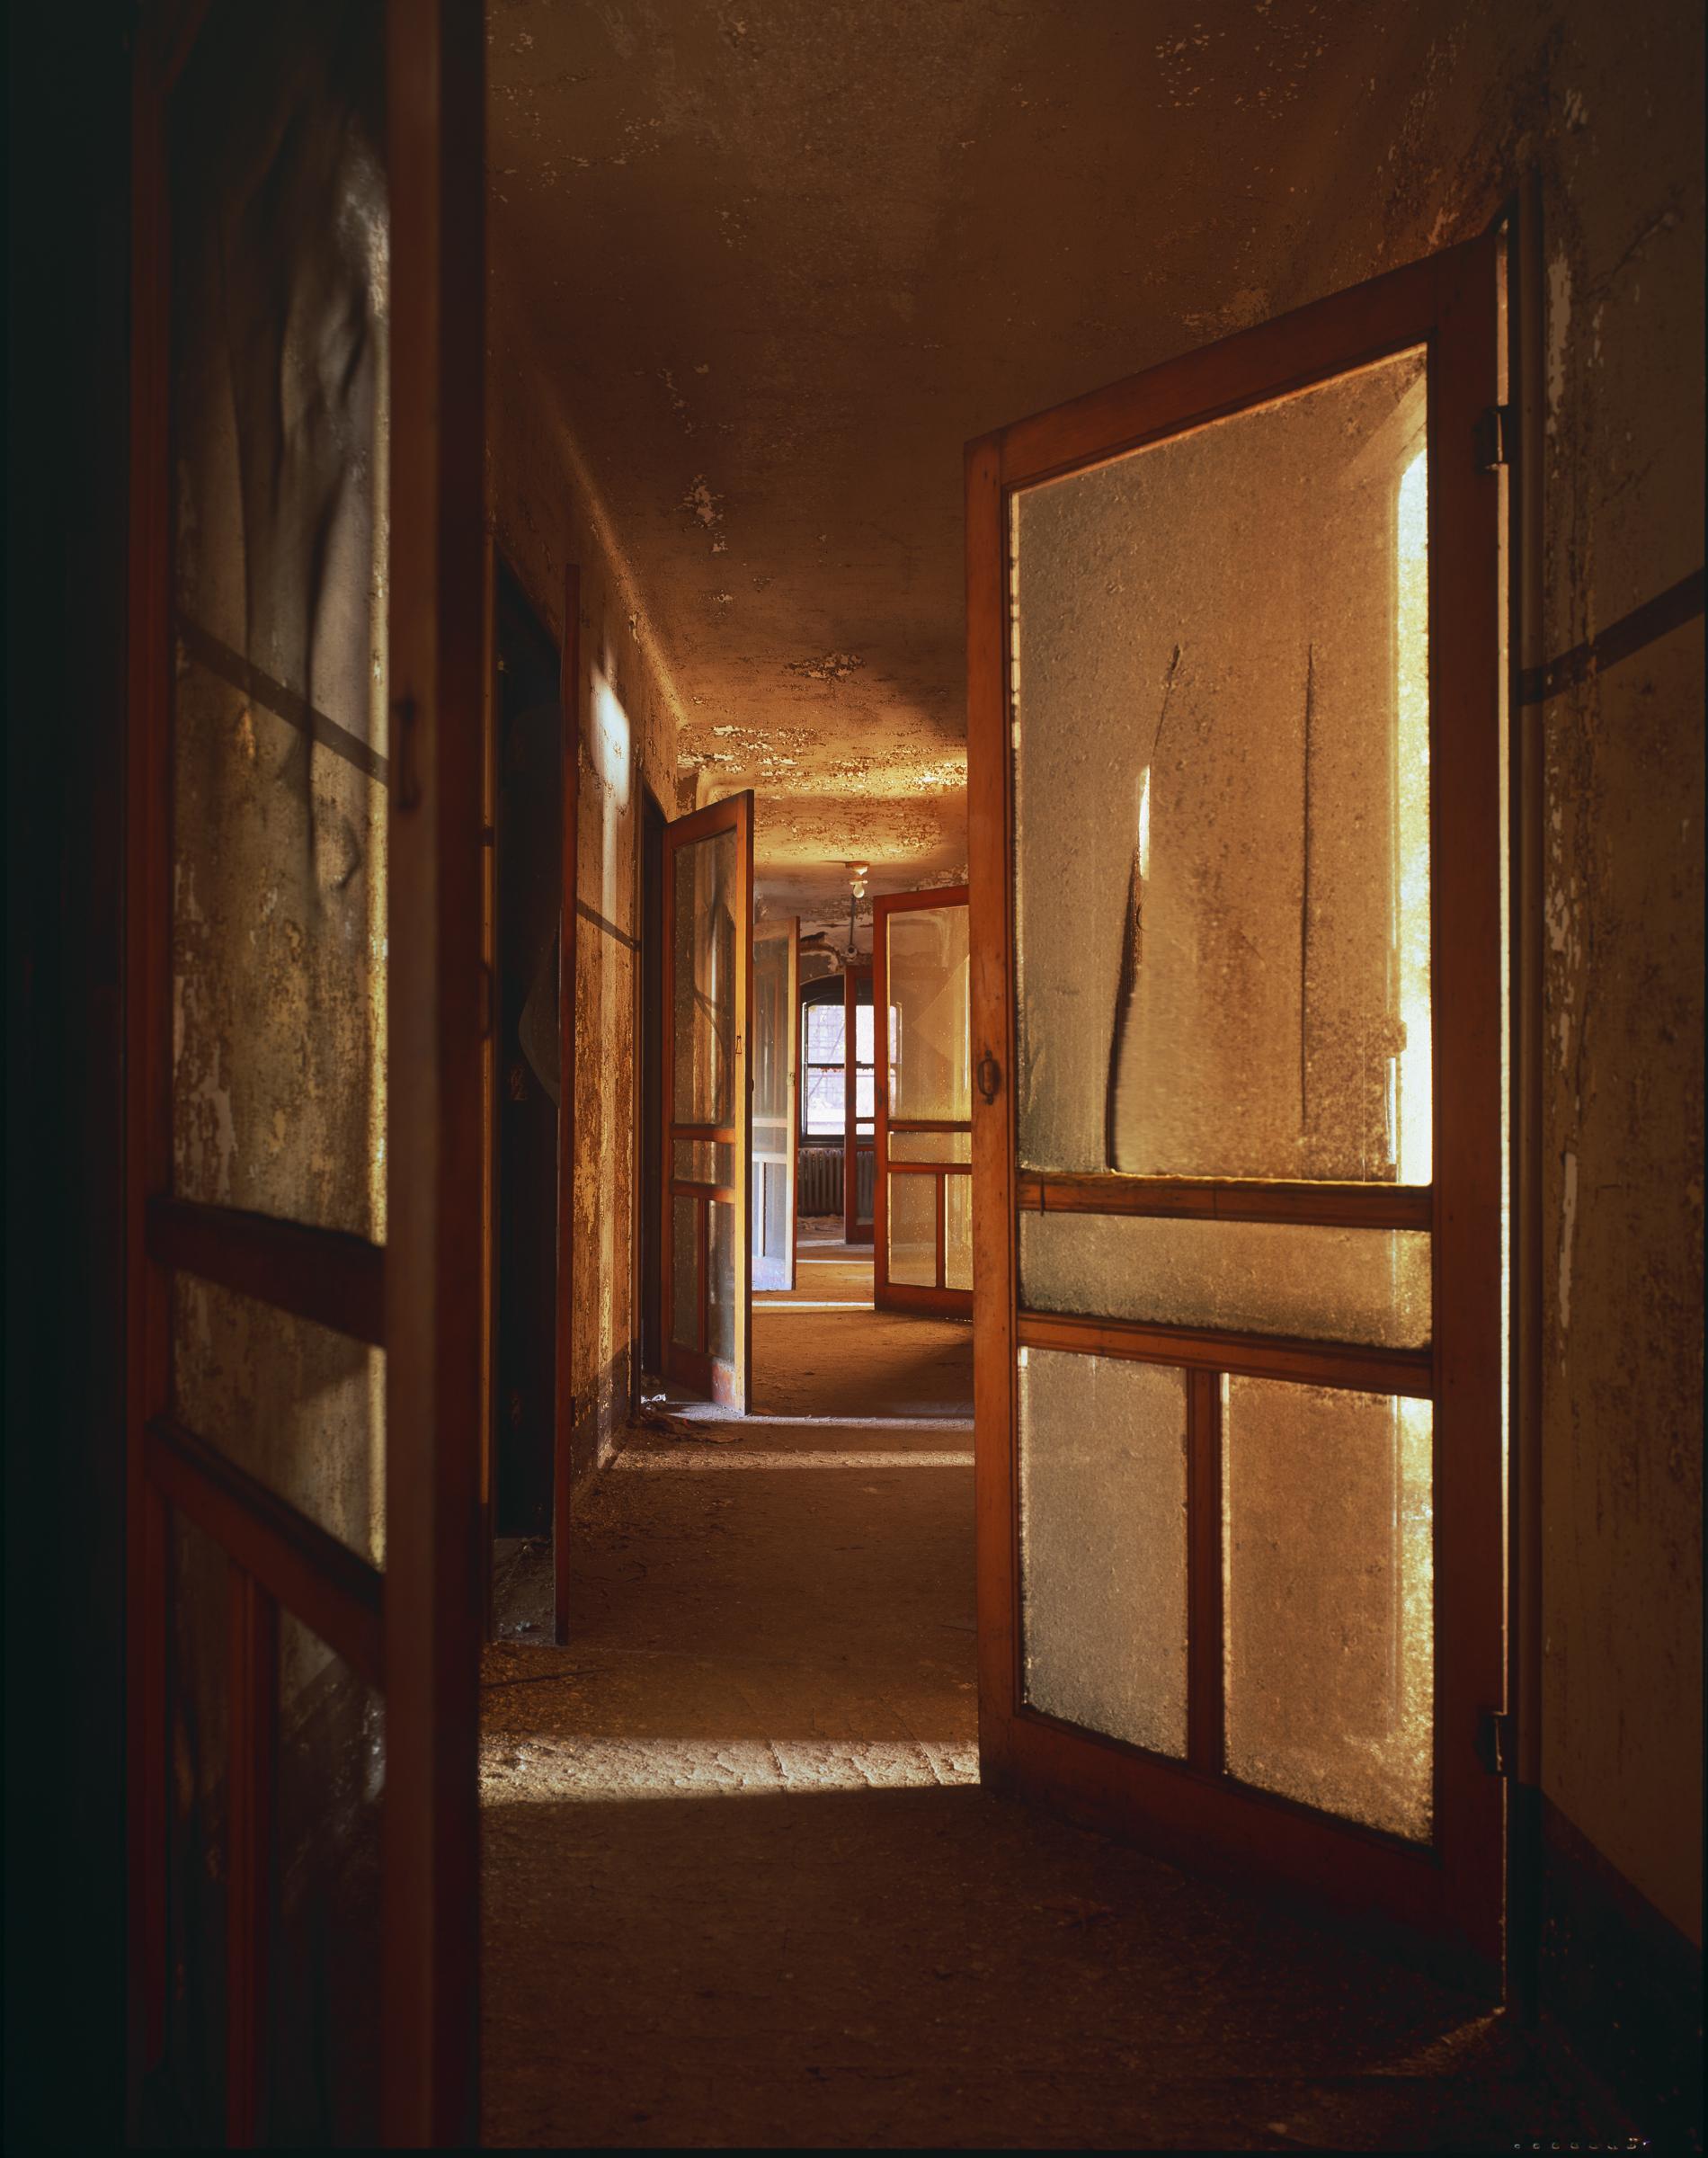 Ellis Island: Nurses' quarters, Island 3 © Stephen Wilkes